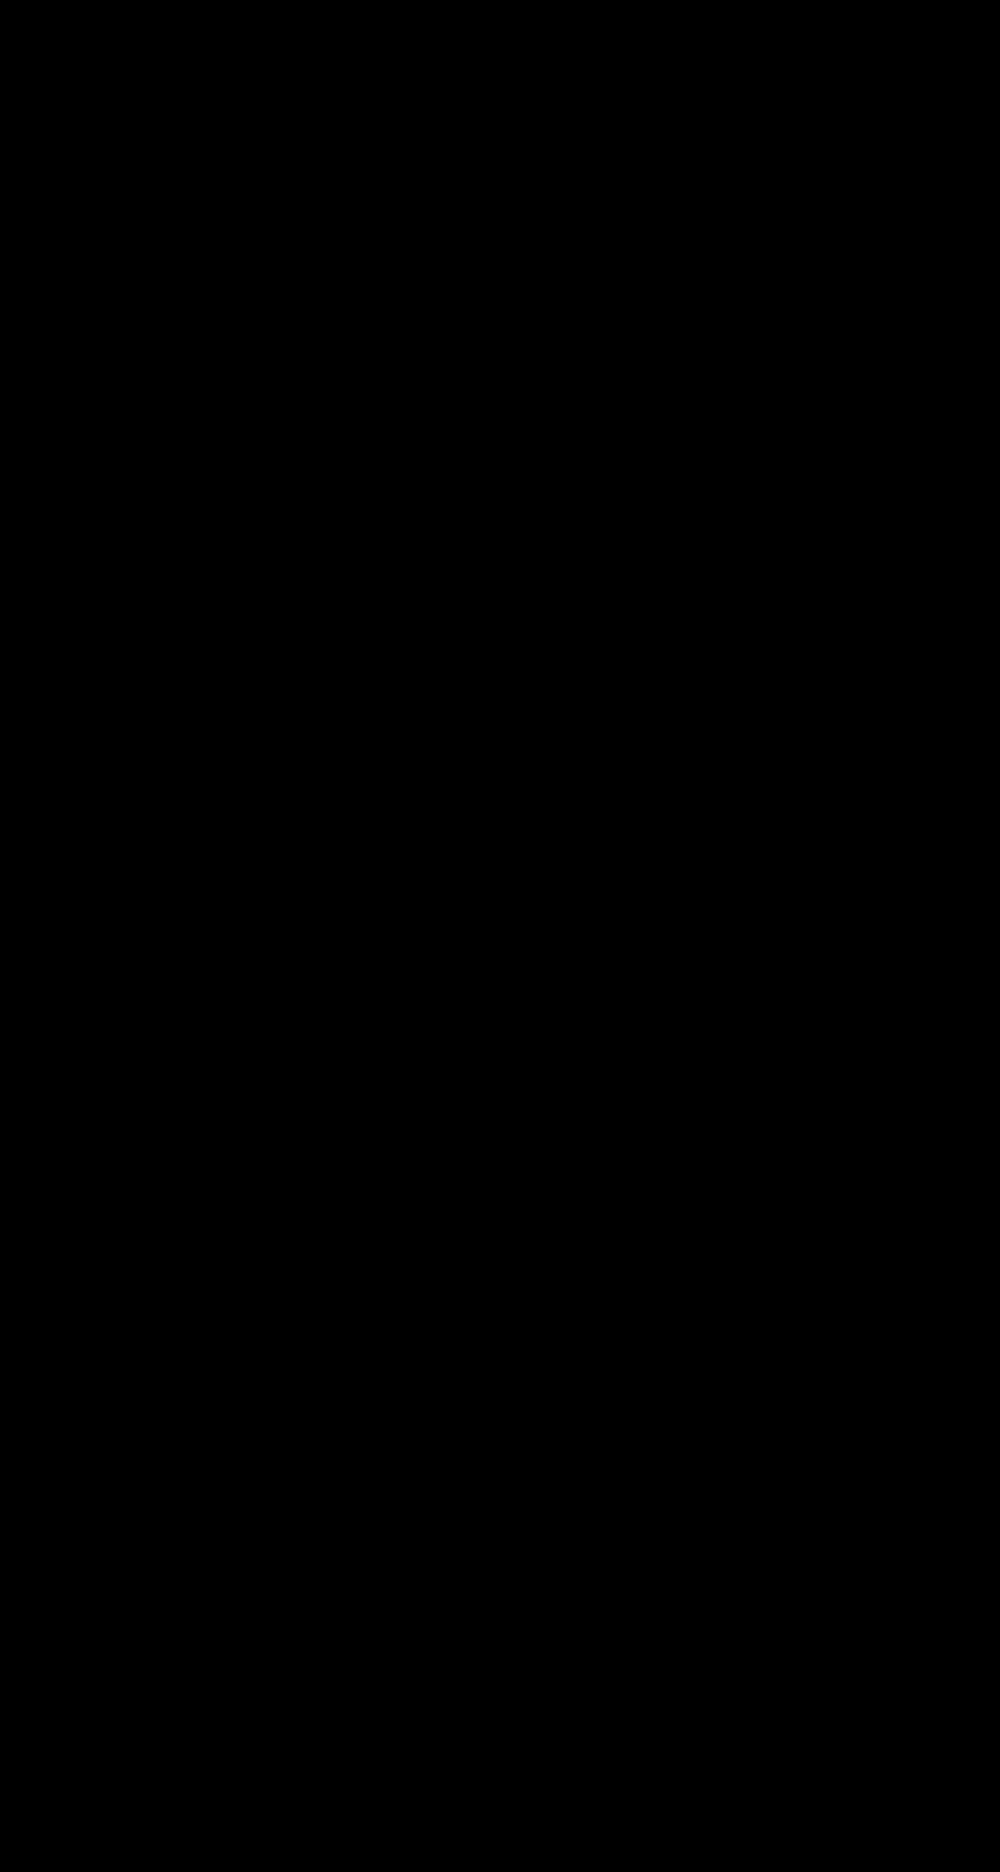 schéma illustrant le pli du volume vers les vues